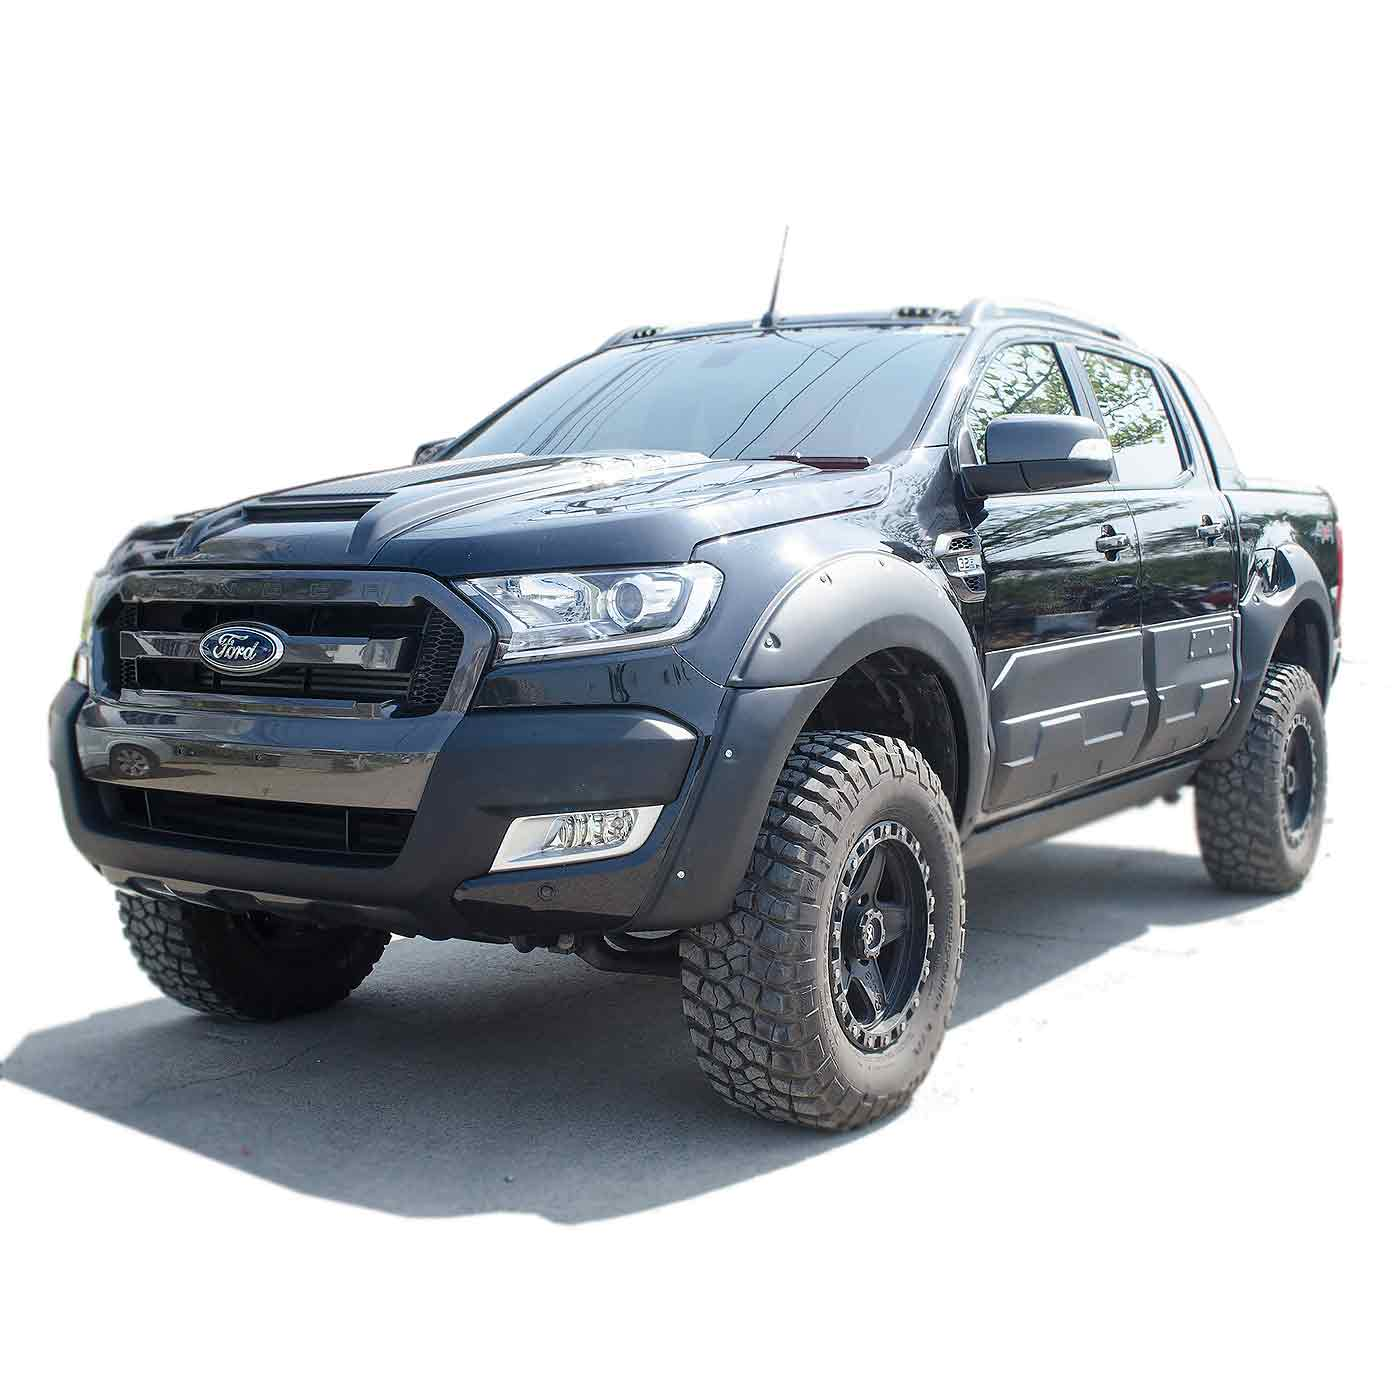 Ktec Shop Zubehor Programm Fur Den Ford Ranger Ob Der Ab 2015 Oder Das Vorgangermodell 2012 Bis Wir Haben Passende